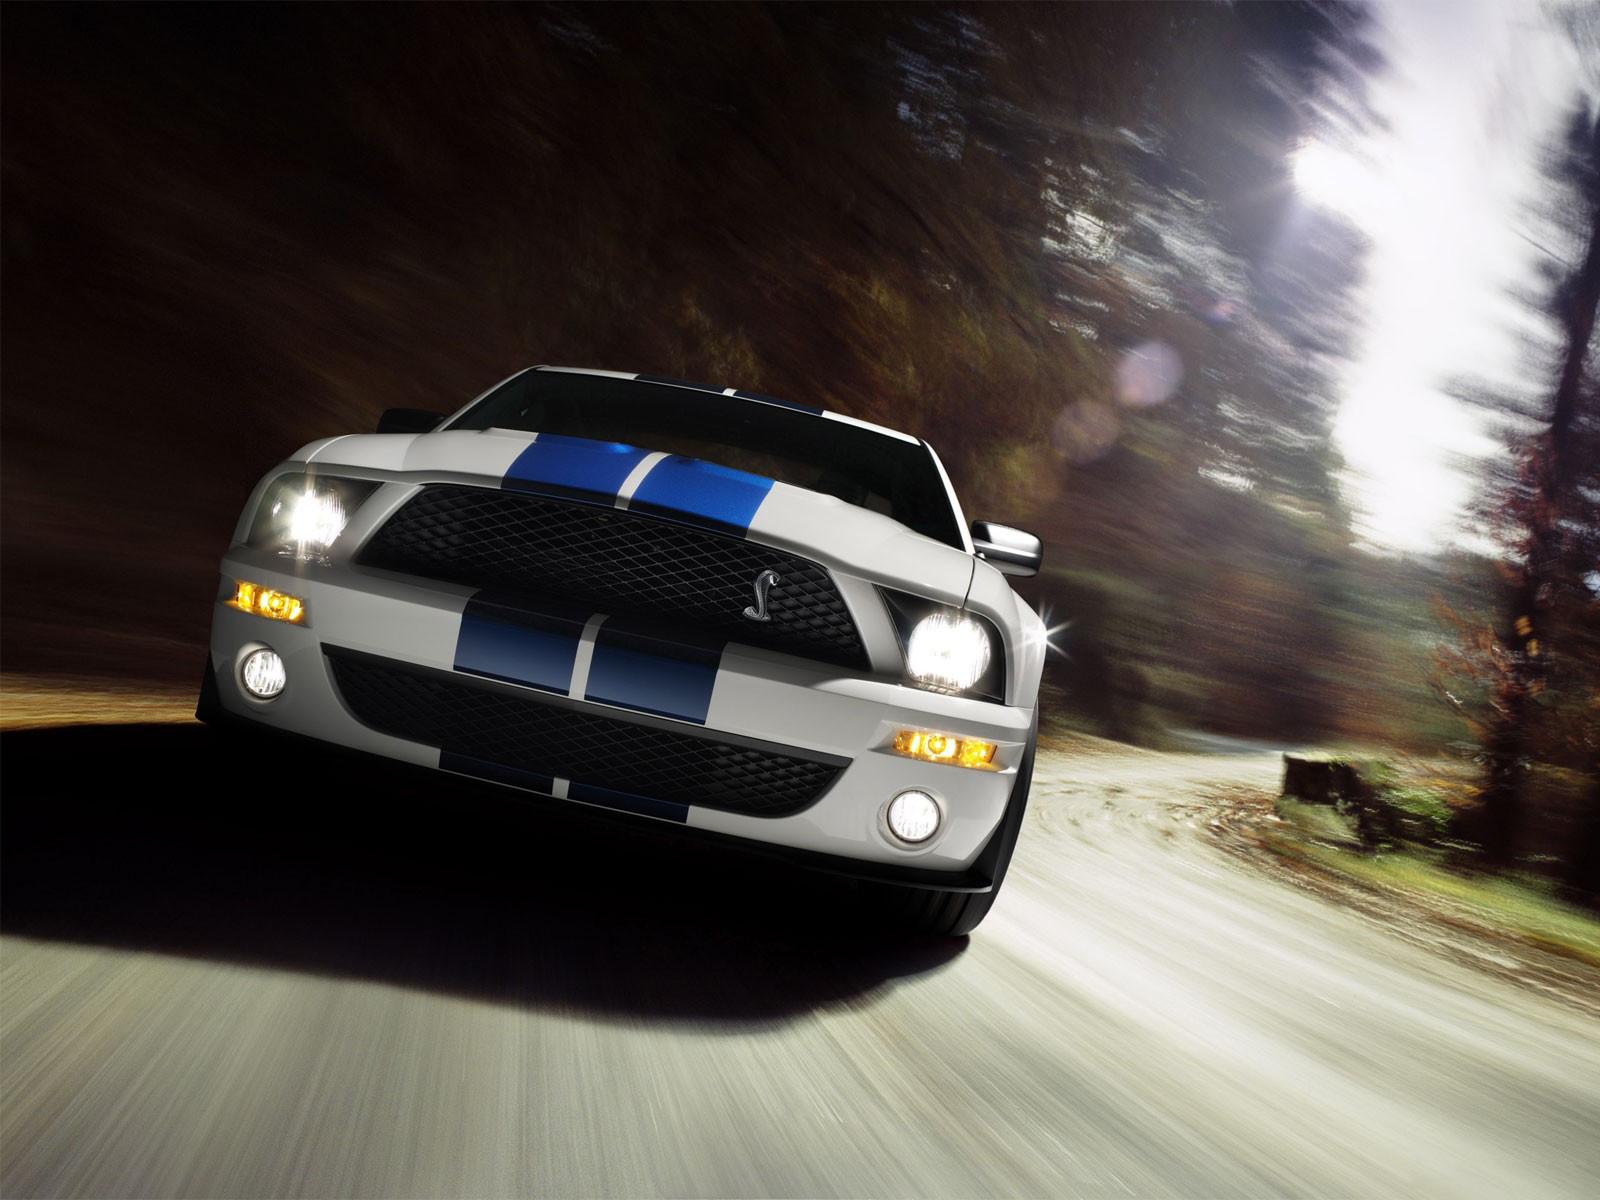 http://4.bp.blogspot.com/-7d1JquH6n_A/UBMOUW61LfI/AAAAAAAAA6c/k0crN4Z4jC4/s1600/cars_0013.jpg